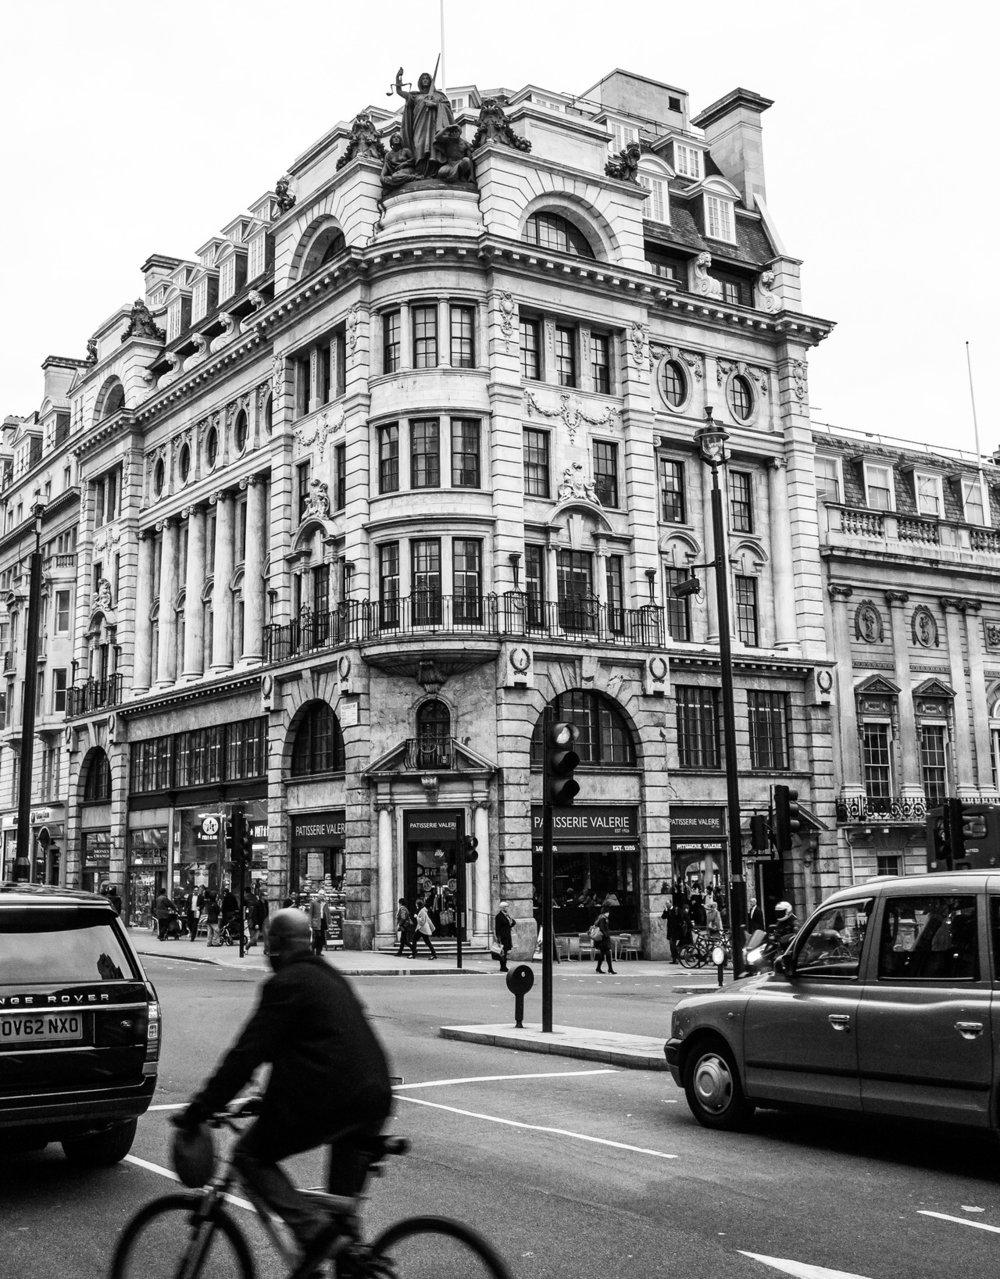 332 - Crossing in London